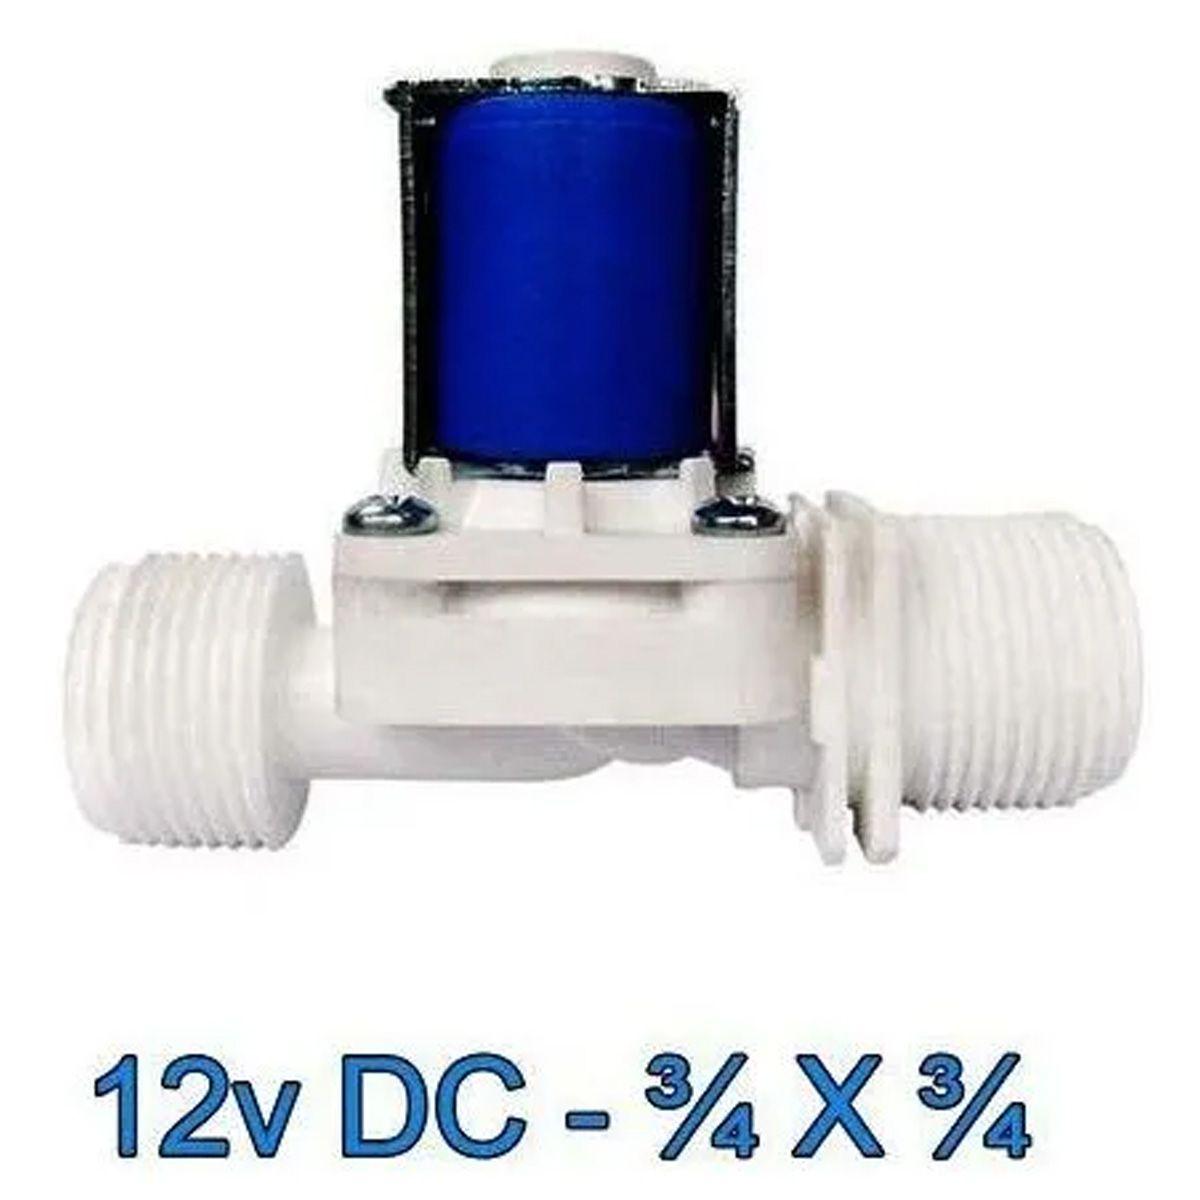 Válvula Solenoide 12v DC 180° (3/4 X 3/4) VA 04